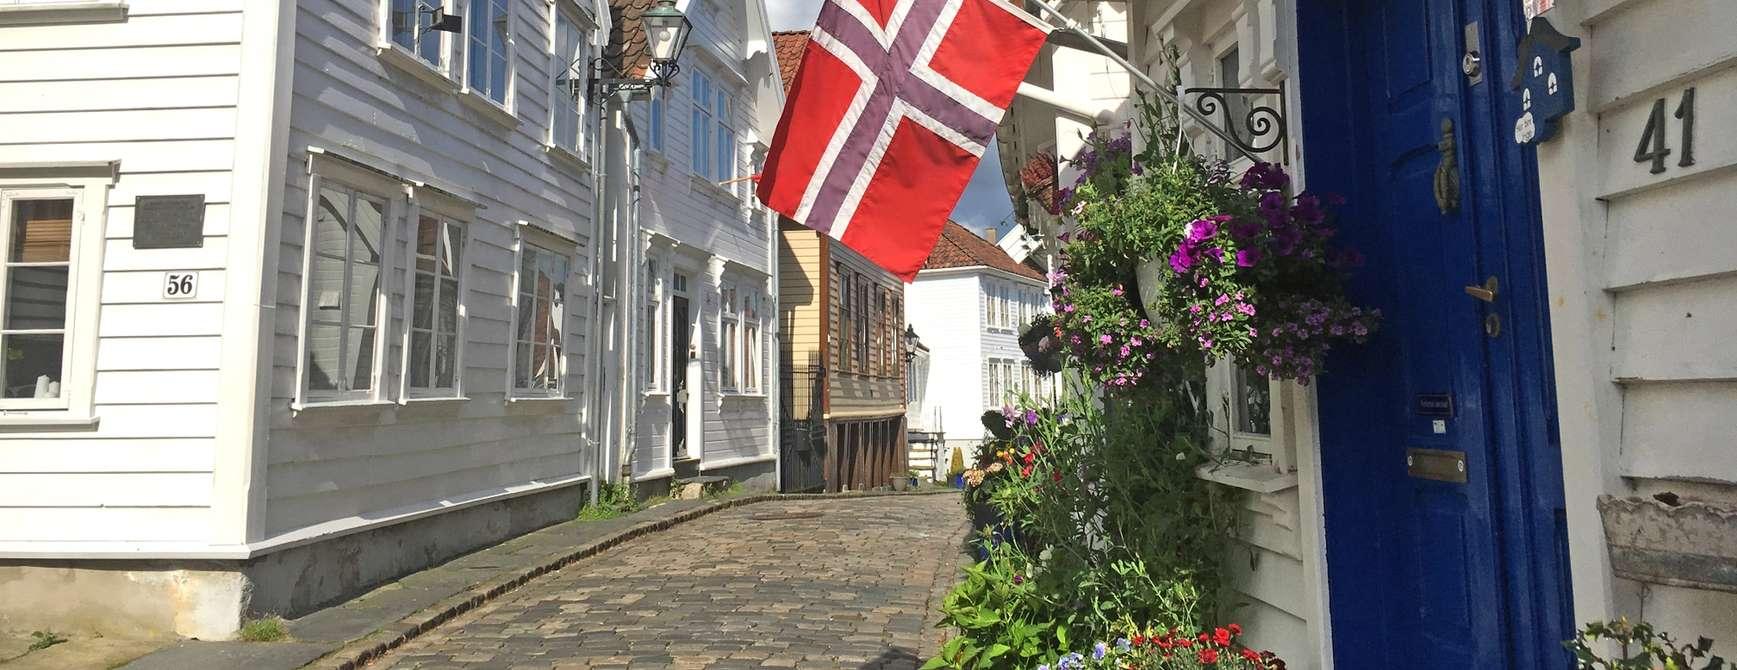 Blir ikke særlig koseligere enn i gamle Stavanger. Foto: Fjord Line